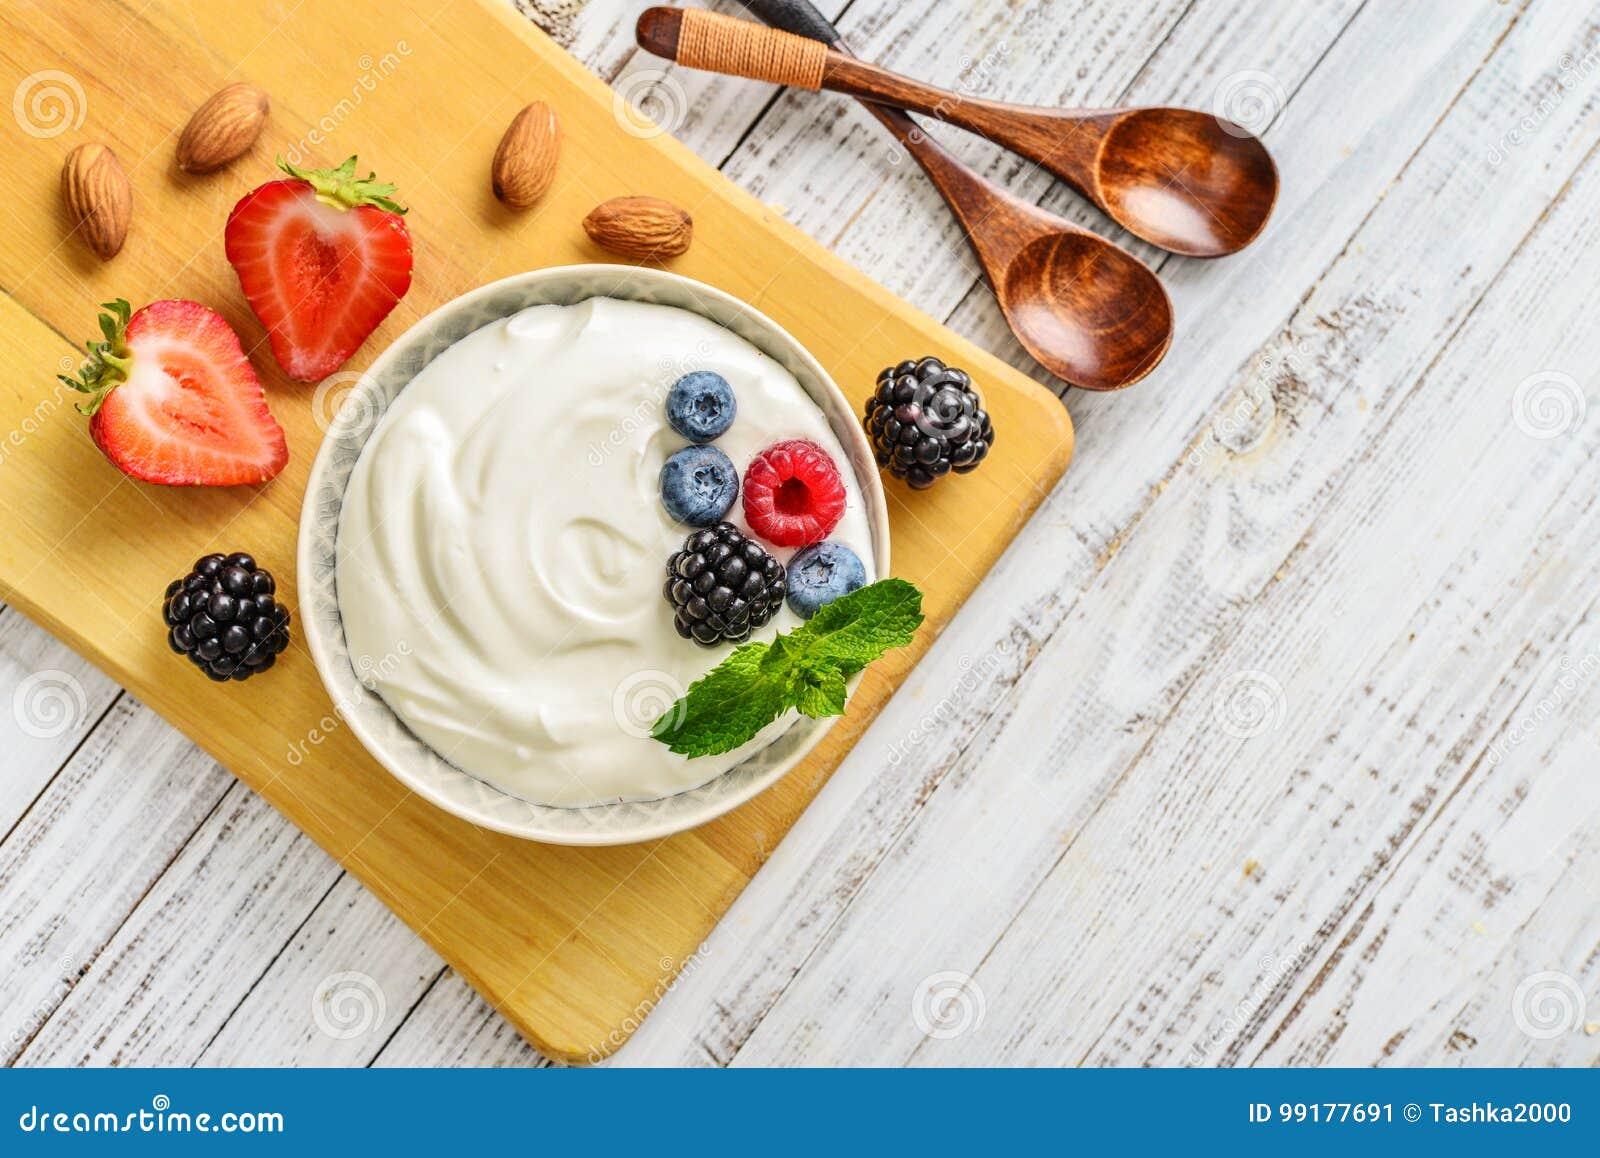 Grekisk yoghurt i bunke